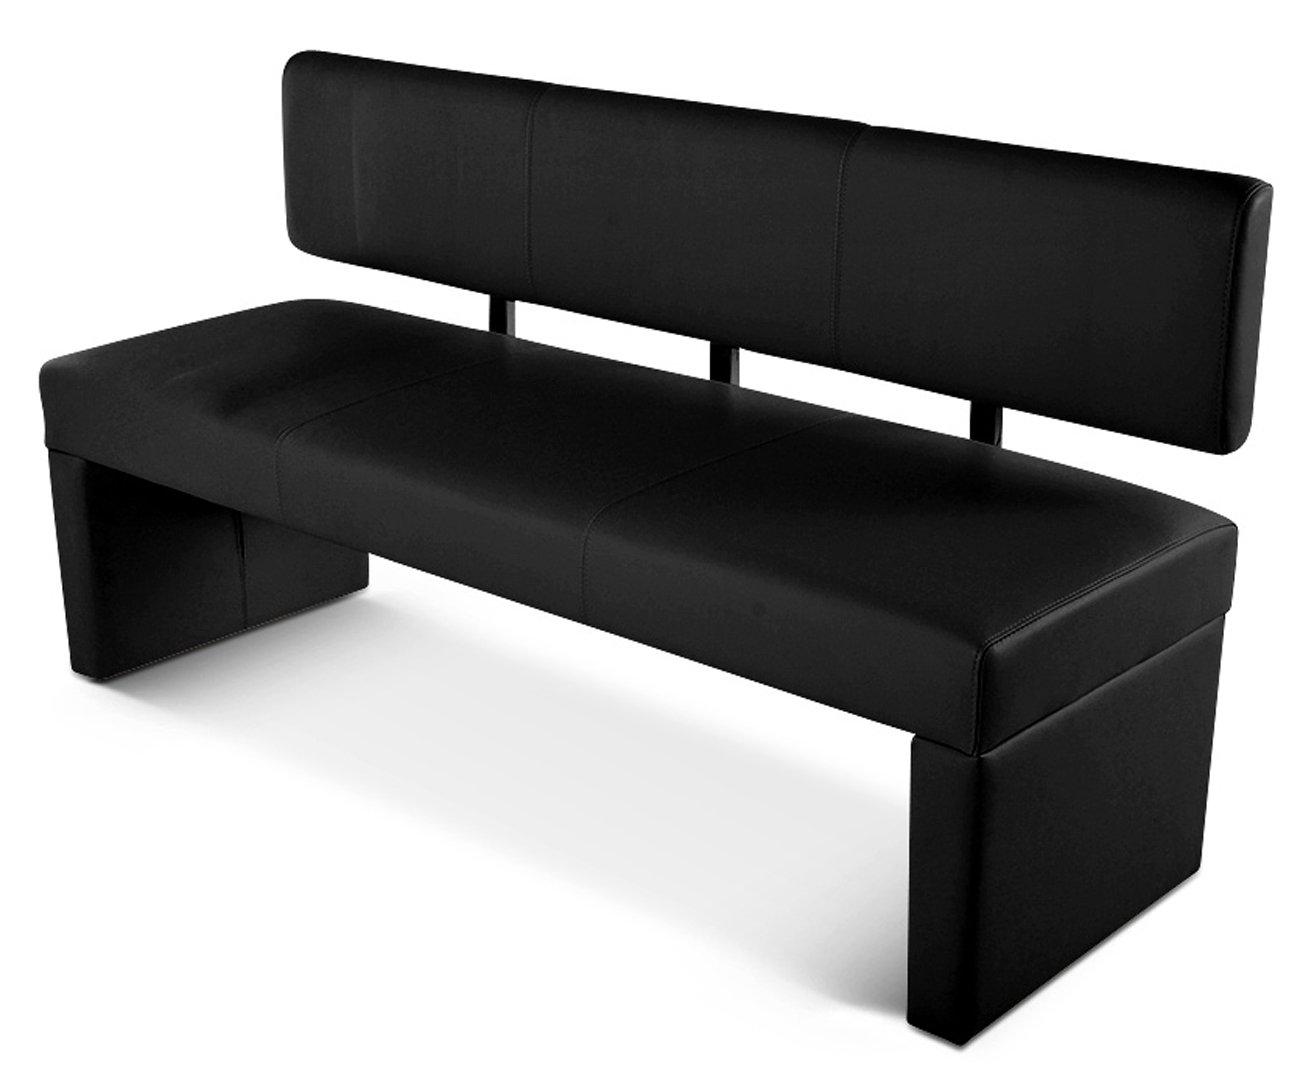 SAM® Sitzbank Silvana 180 cm in schwarz, komplett bezogen, angenehme ...